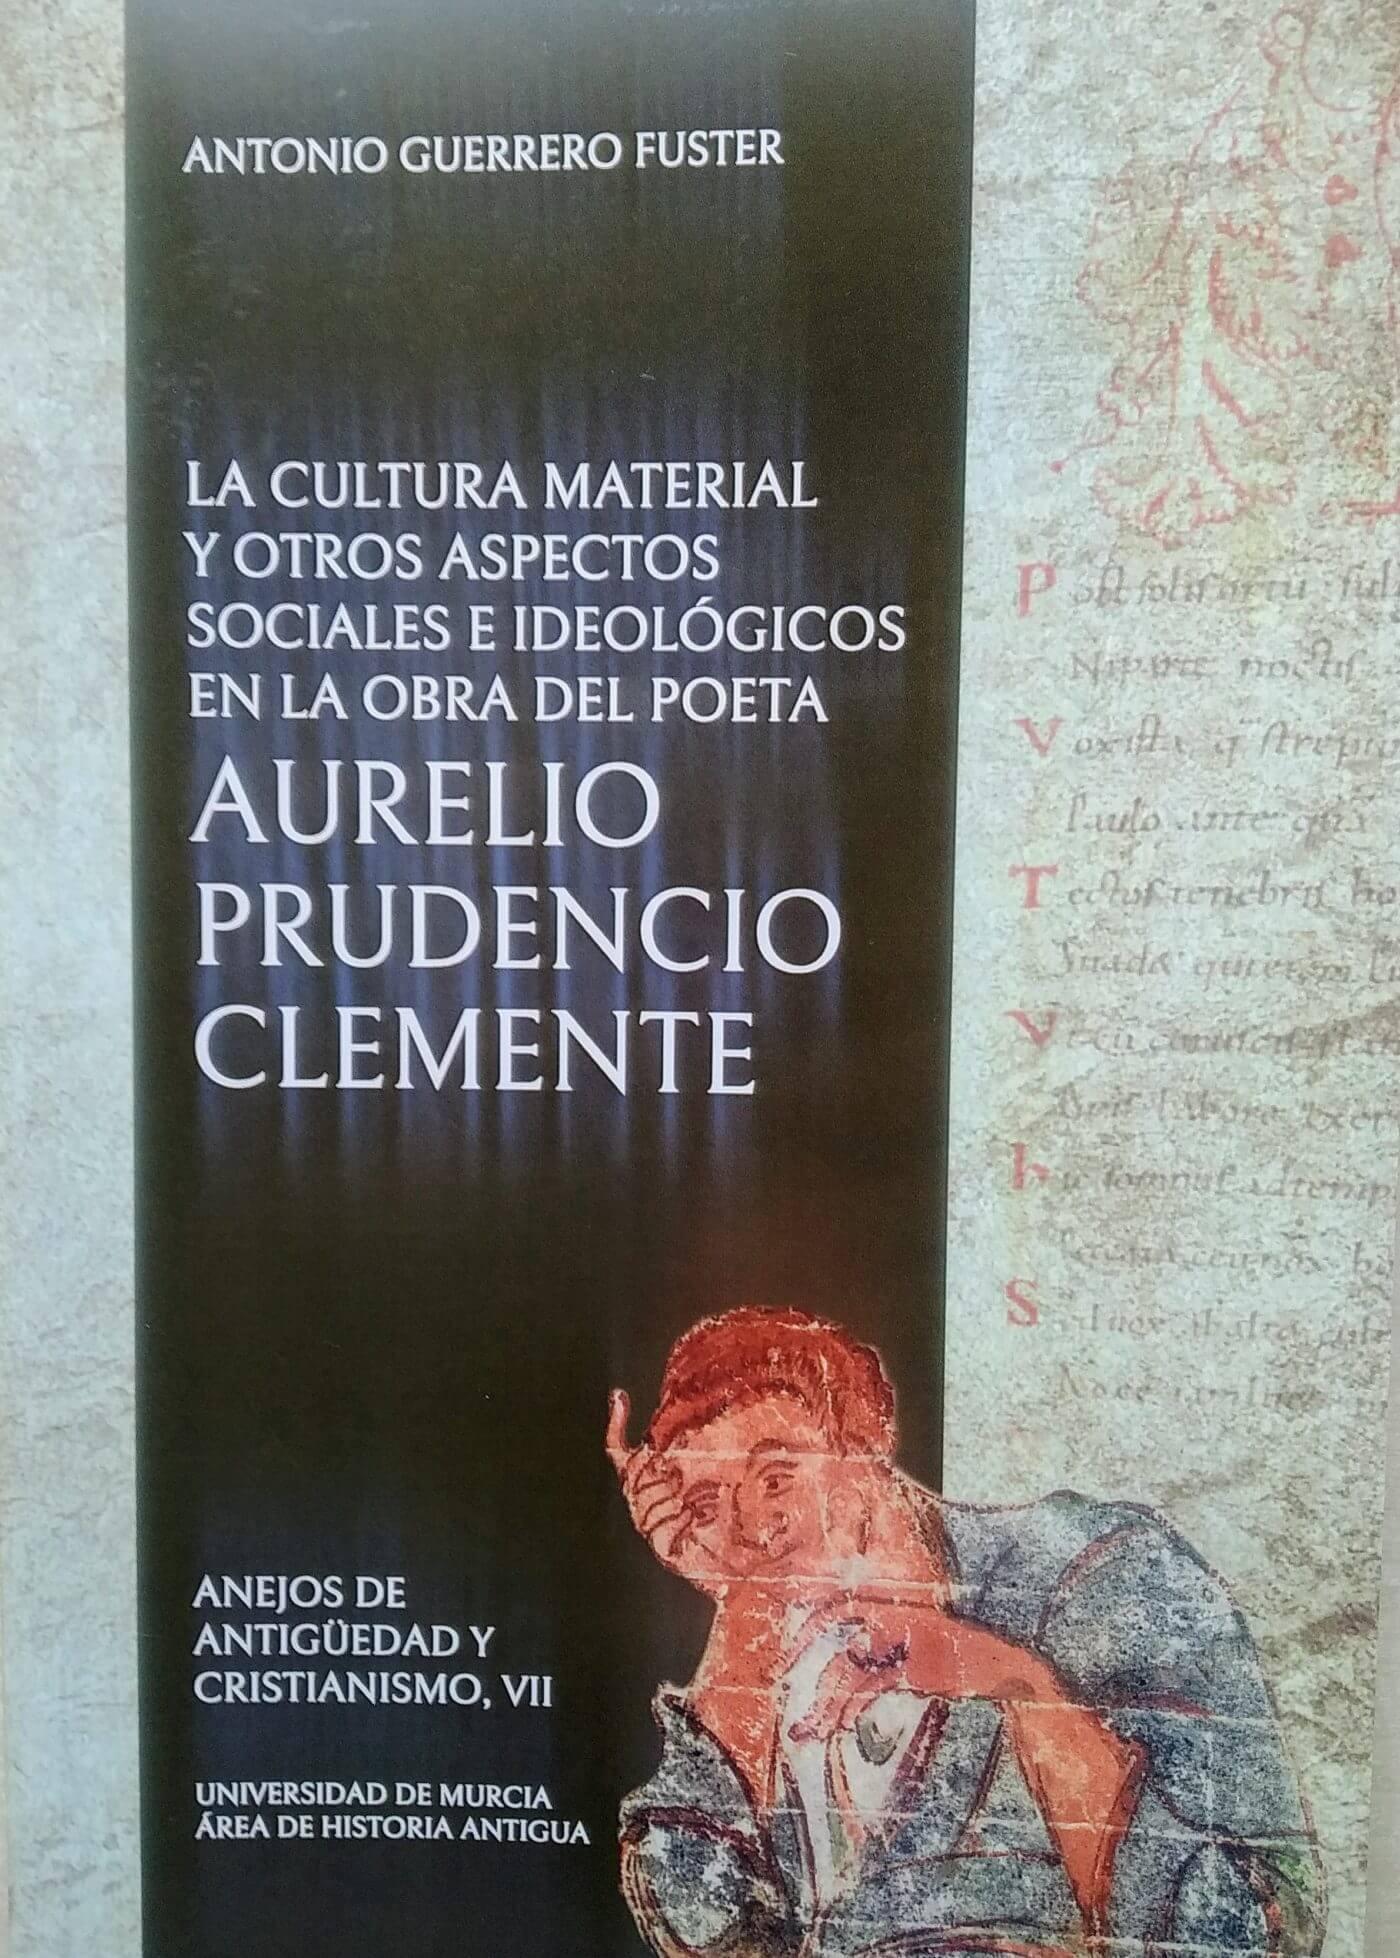 La Universidad de Murcia publica un libro sobre el poeta calagurritano Aurelio Prudencio